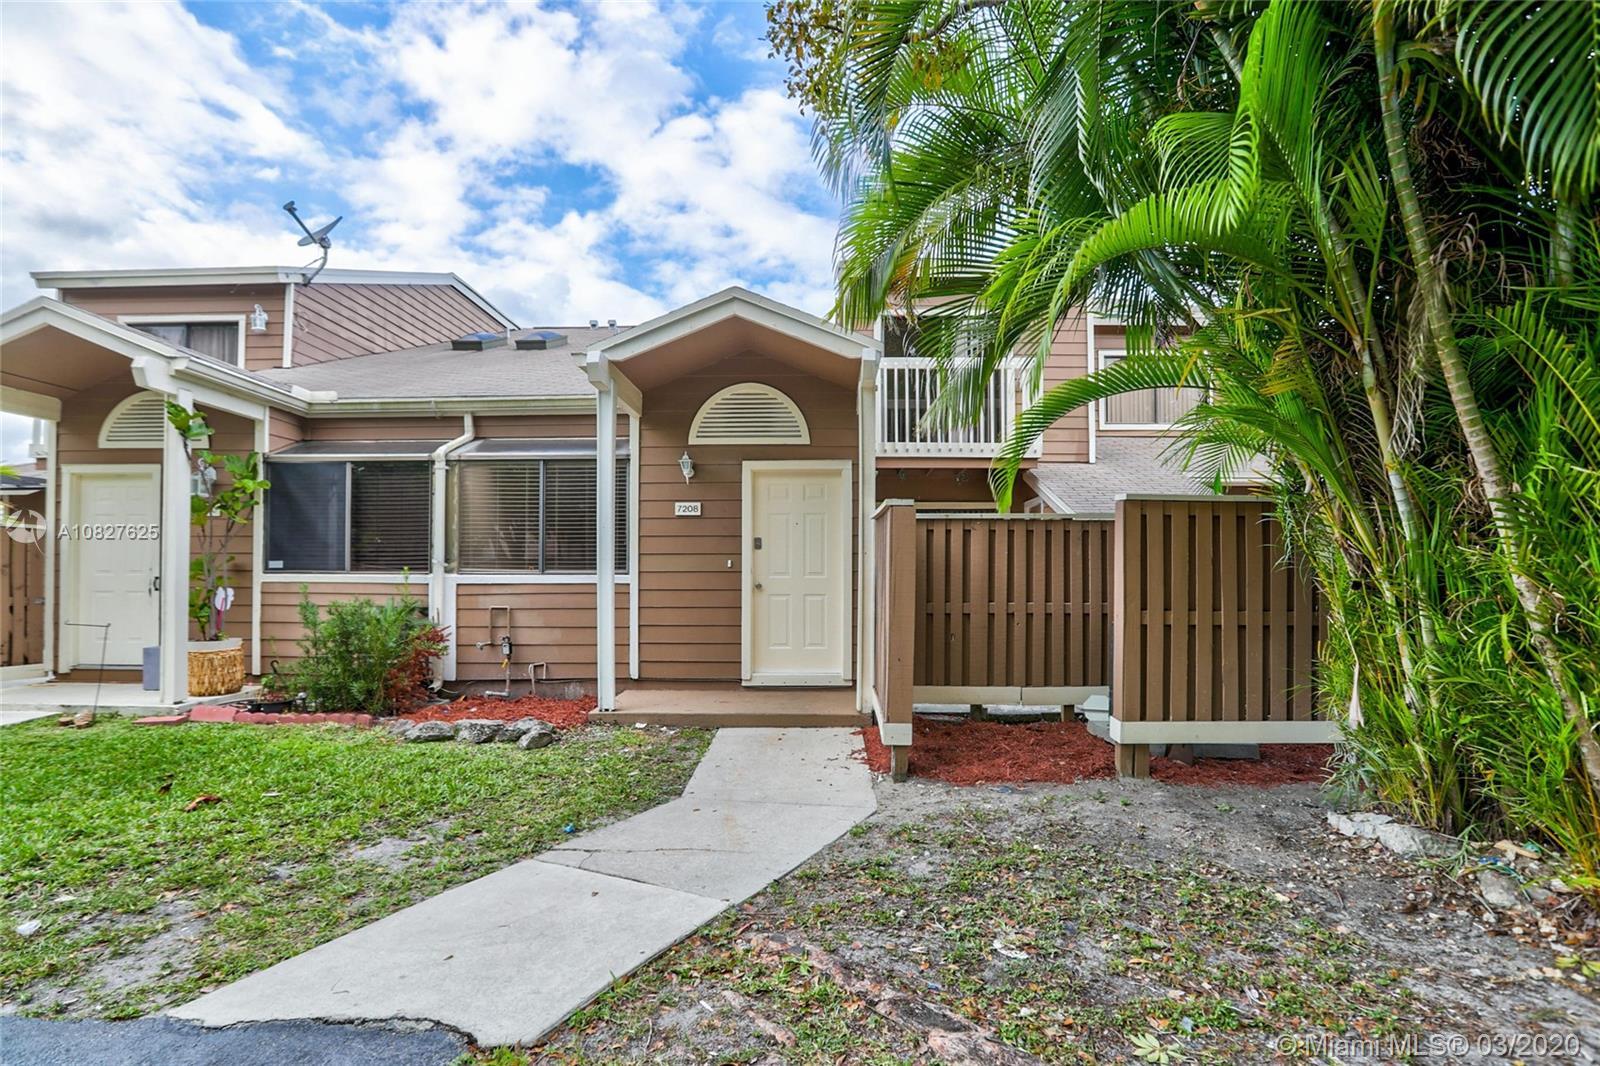 7208 Sportsmans Dr #7208, North Lauderdale, FL 33068 - North Lauderdale, FL real estate listing